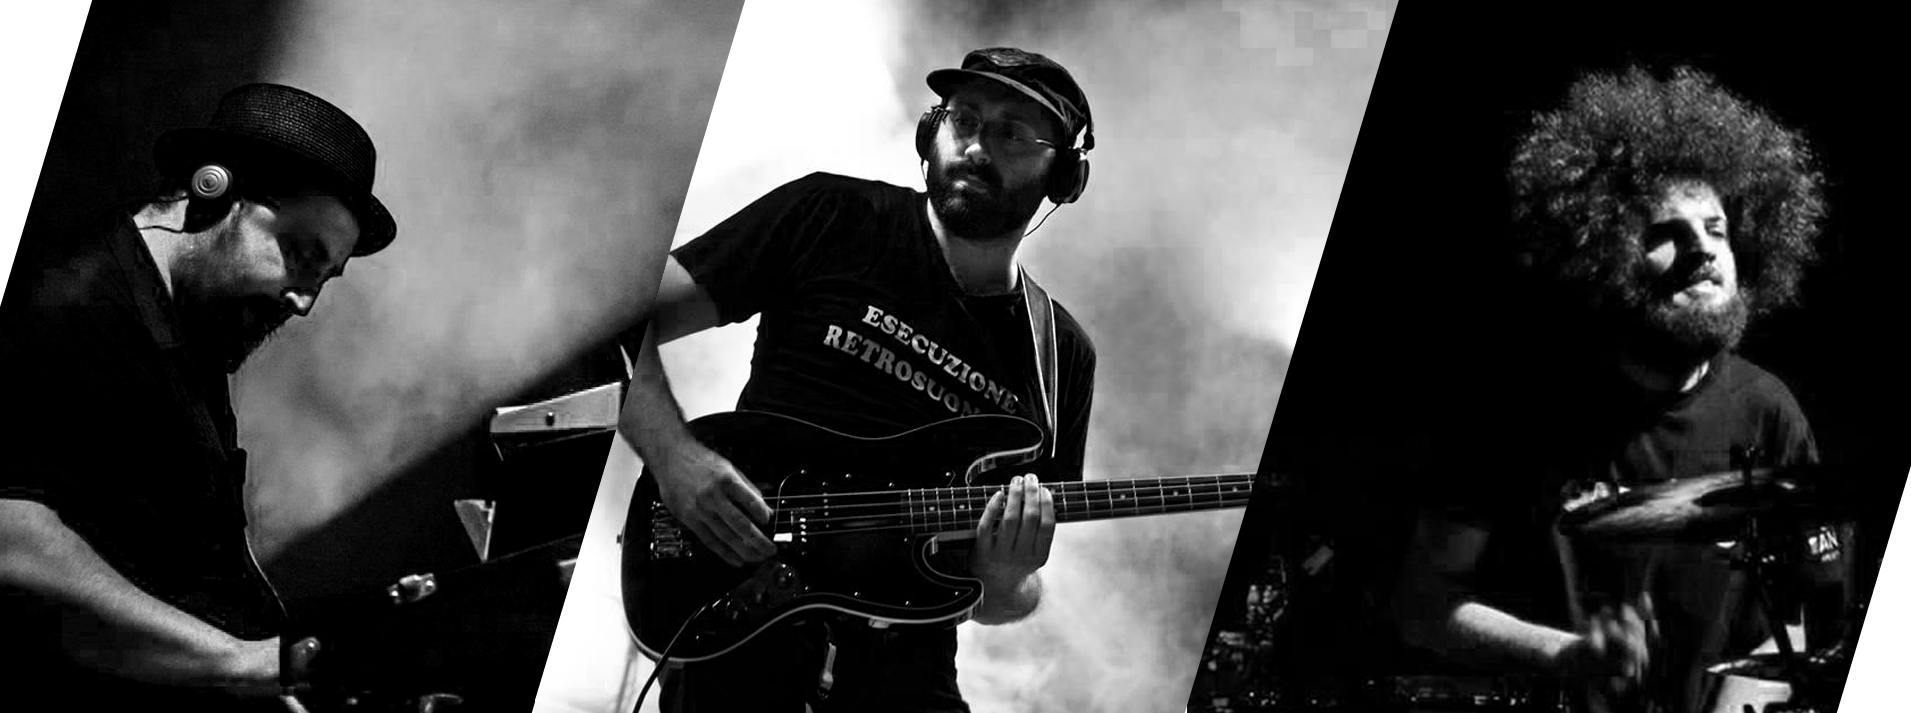 Lo ZOO di Berlino: Andrea Pettinelli - Diego Pettinelli - Mauro Mastracci live. ph Raffaele Battilomo